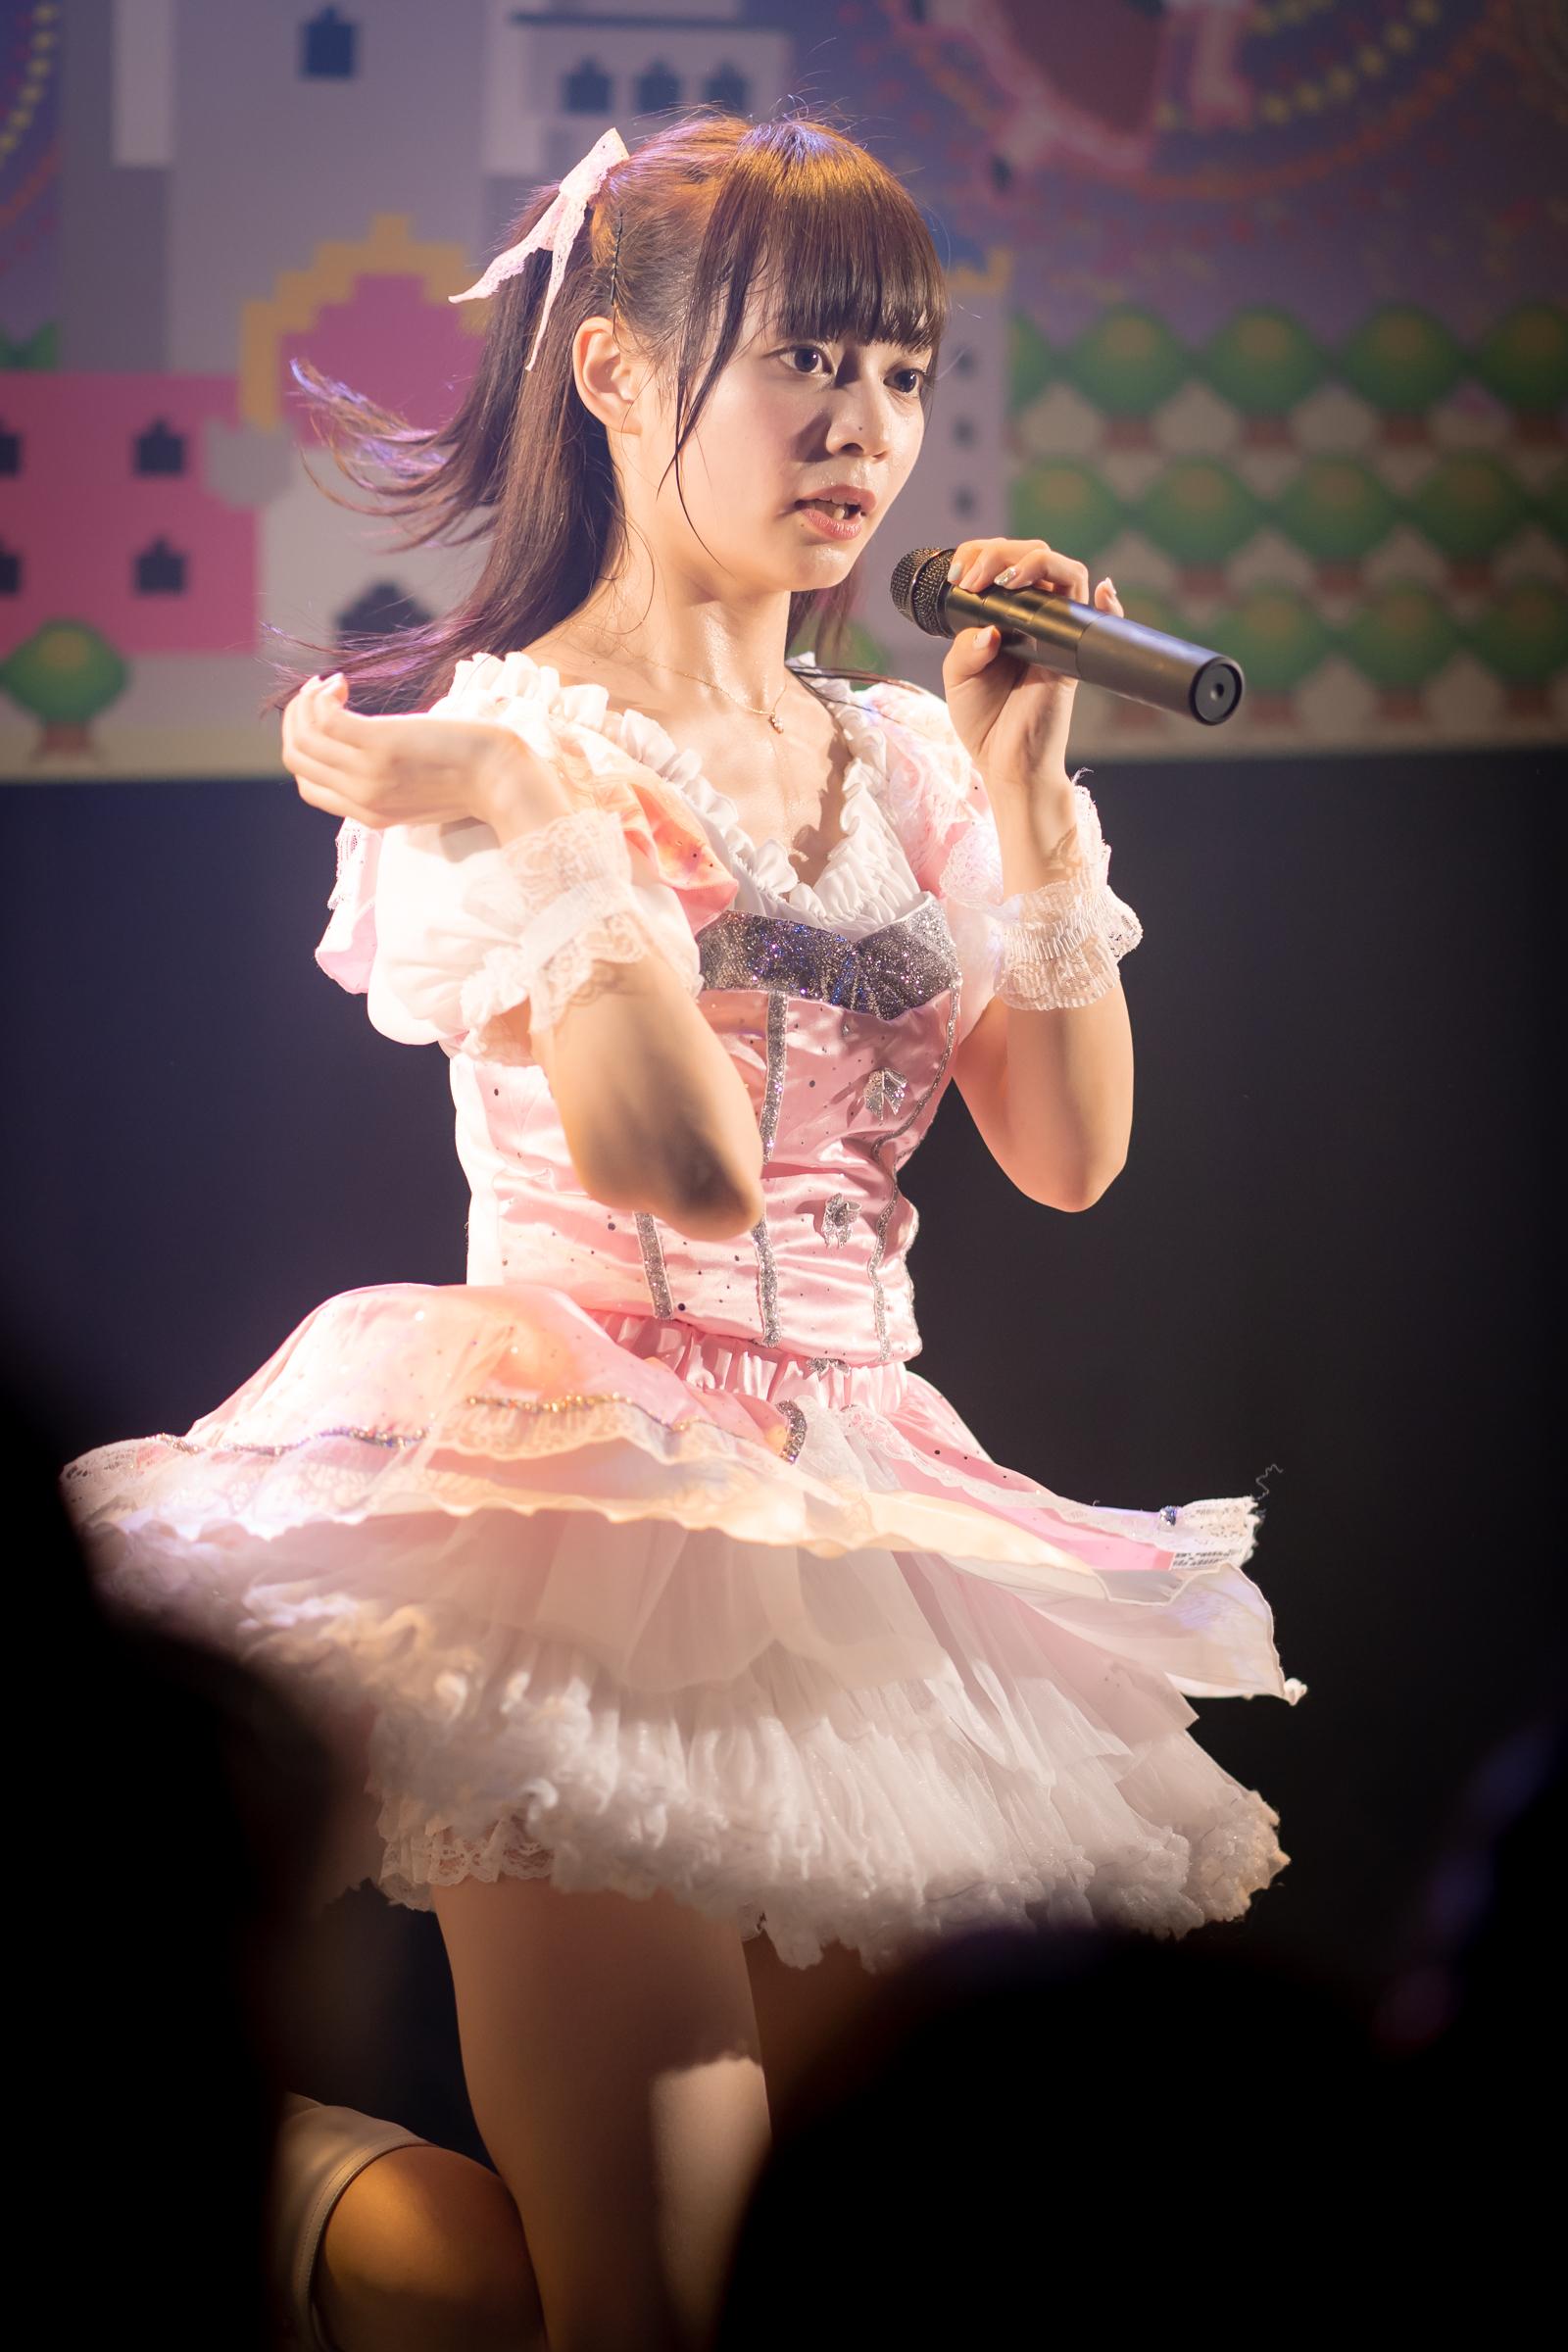 2代目HAPPY少女♪ ゆいな ( 宮崎ゆいな )   ハピパvol.27~きょうか生誕~